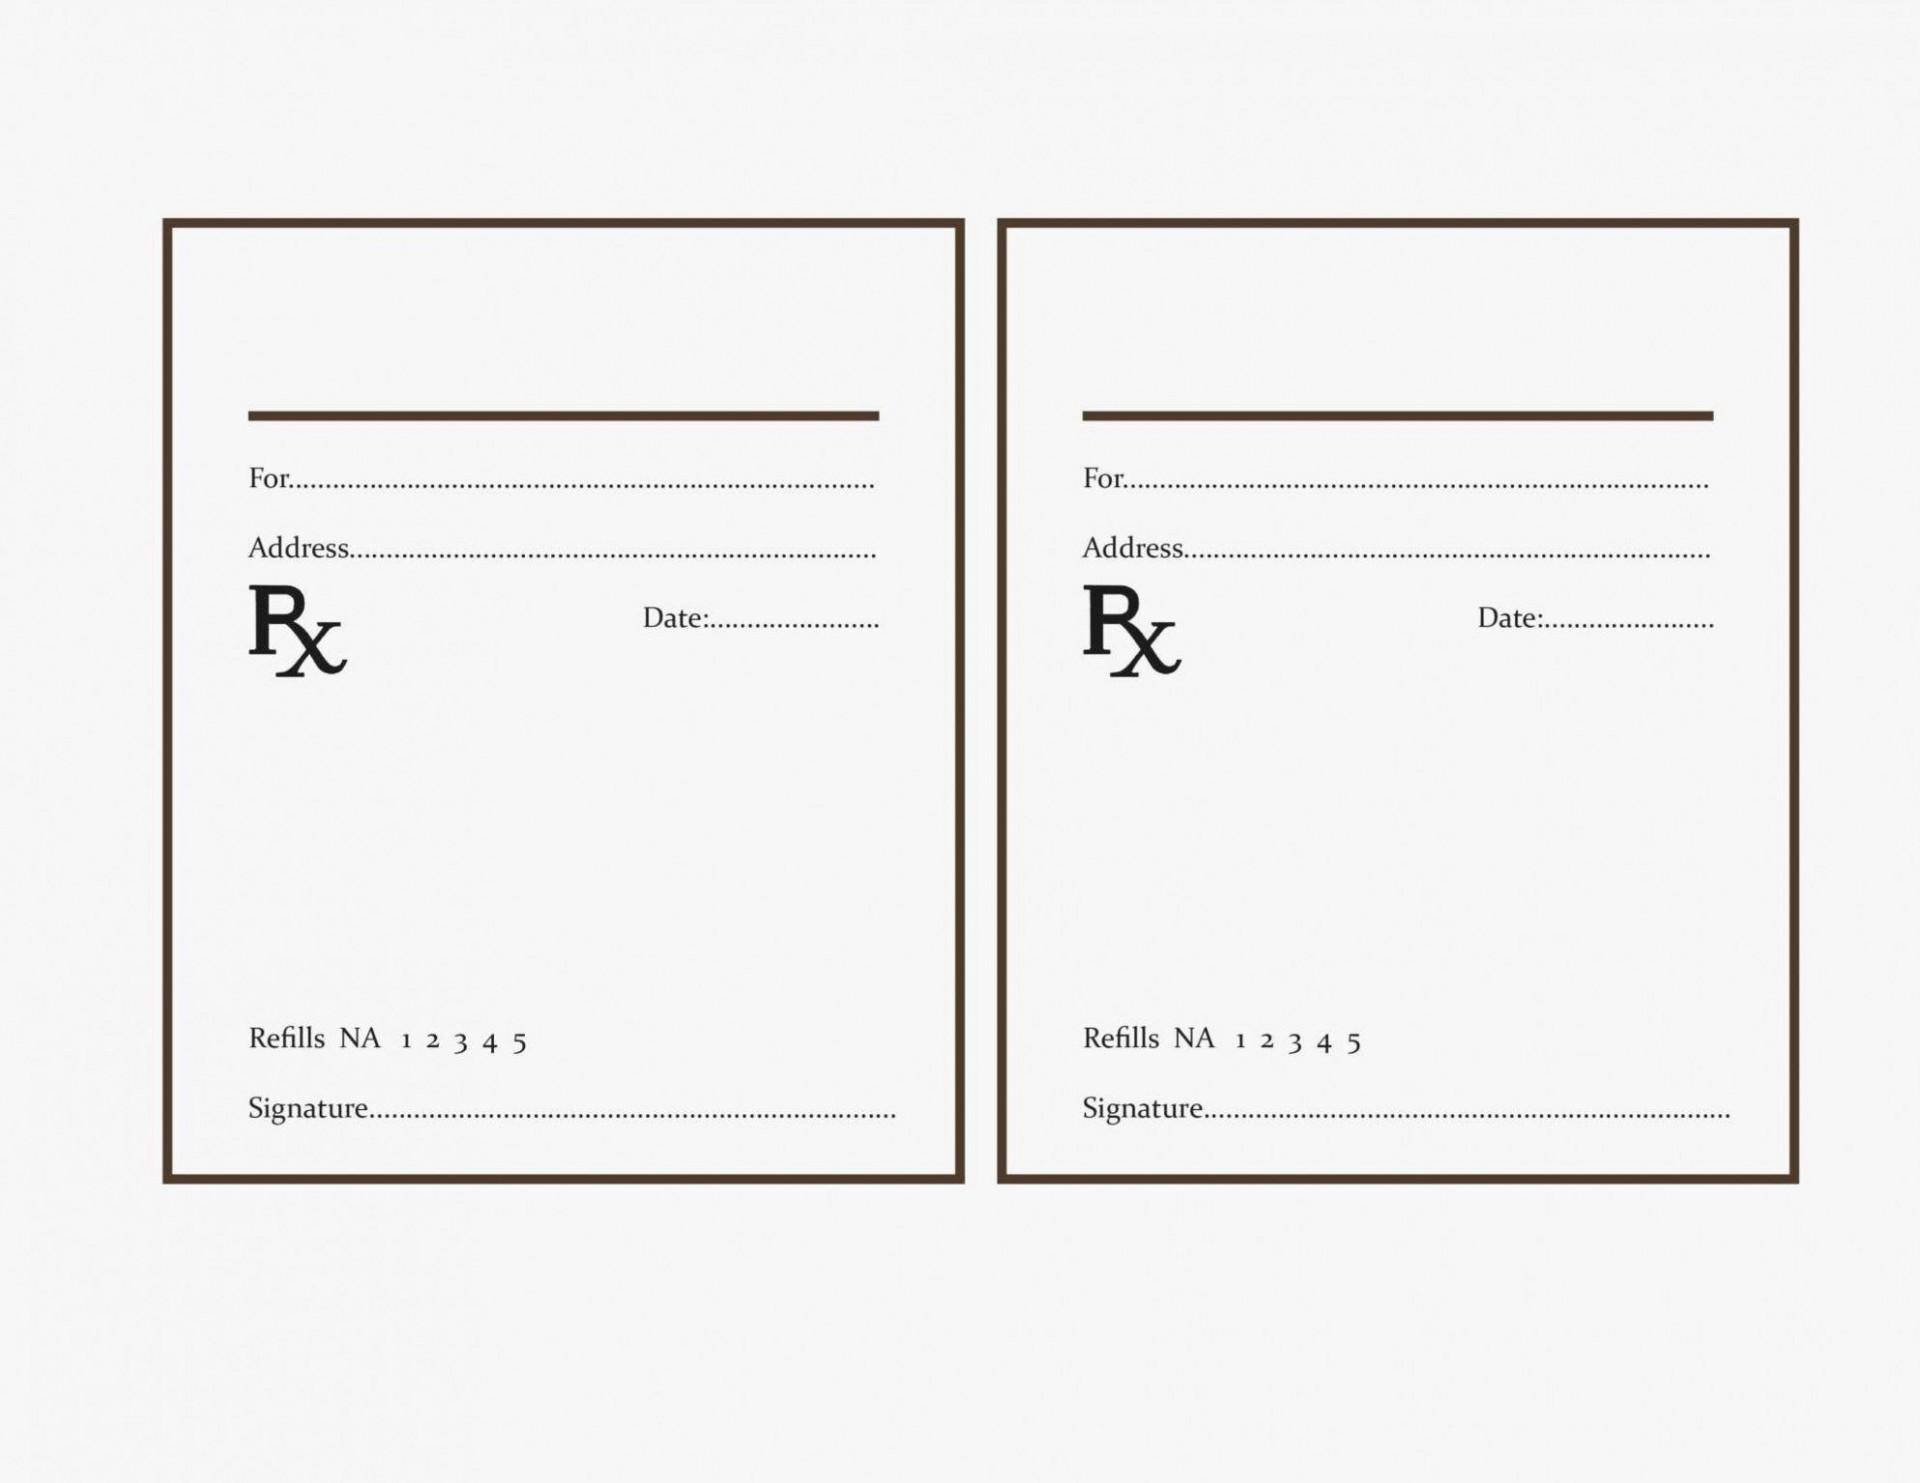 000 Shocking Fake Prescription Bottle Label Template Sample 1920